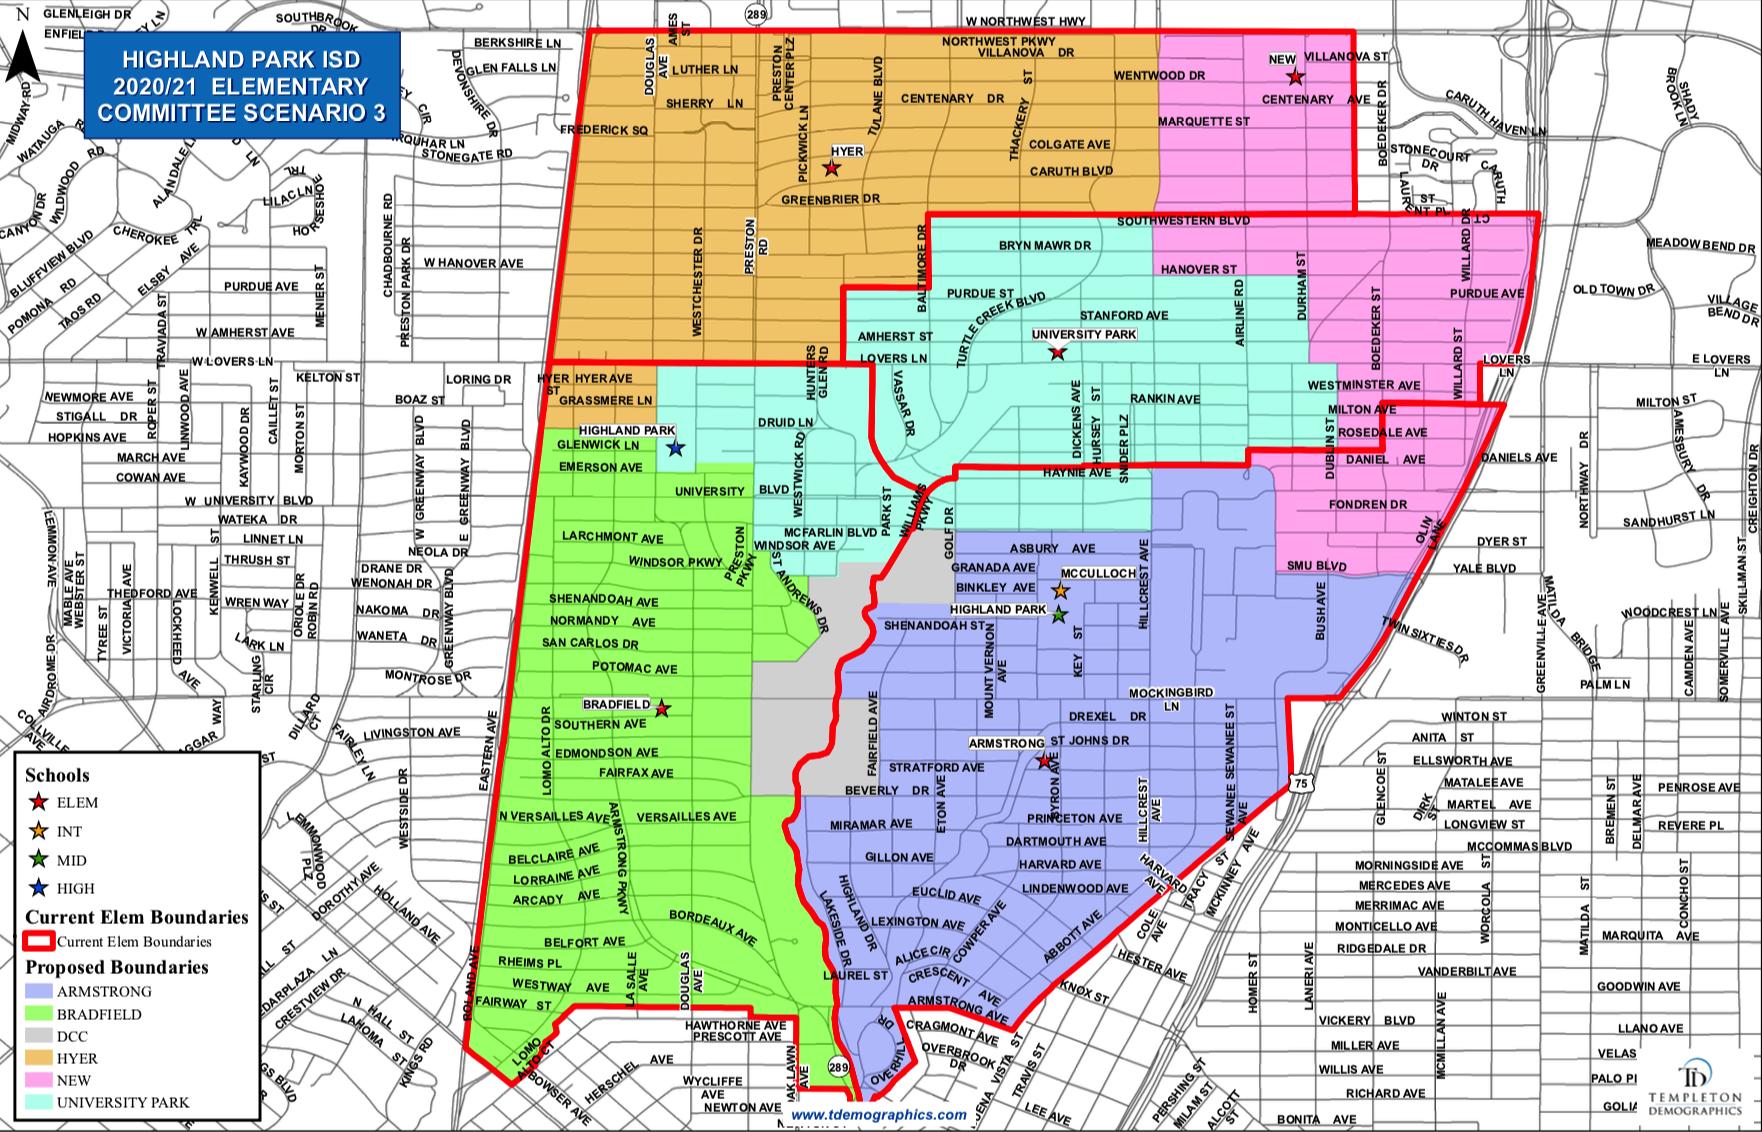 Committee Scenario 3 Map